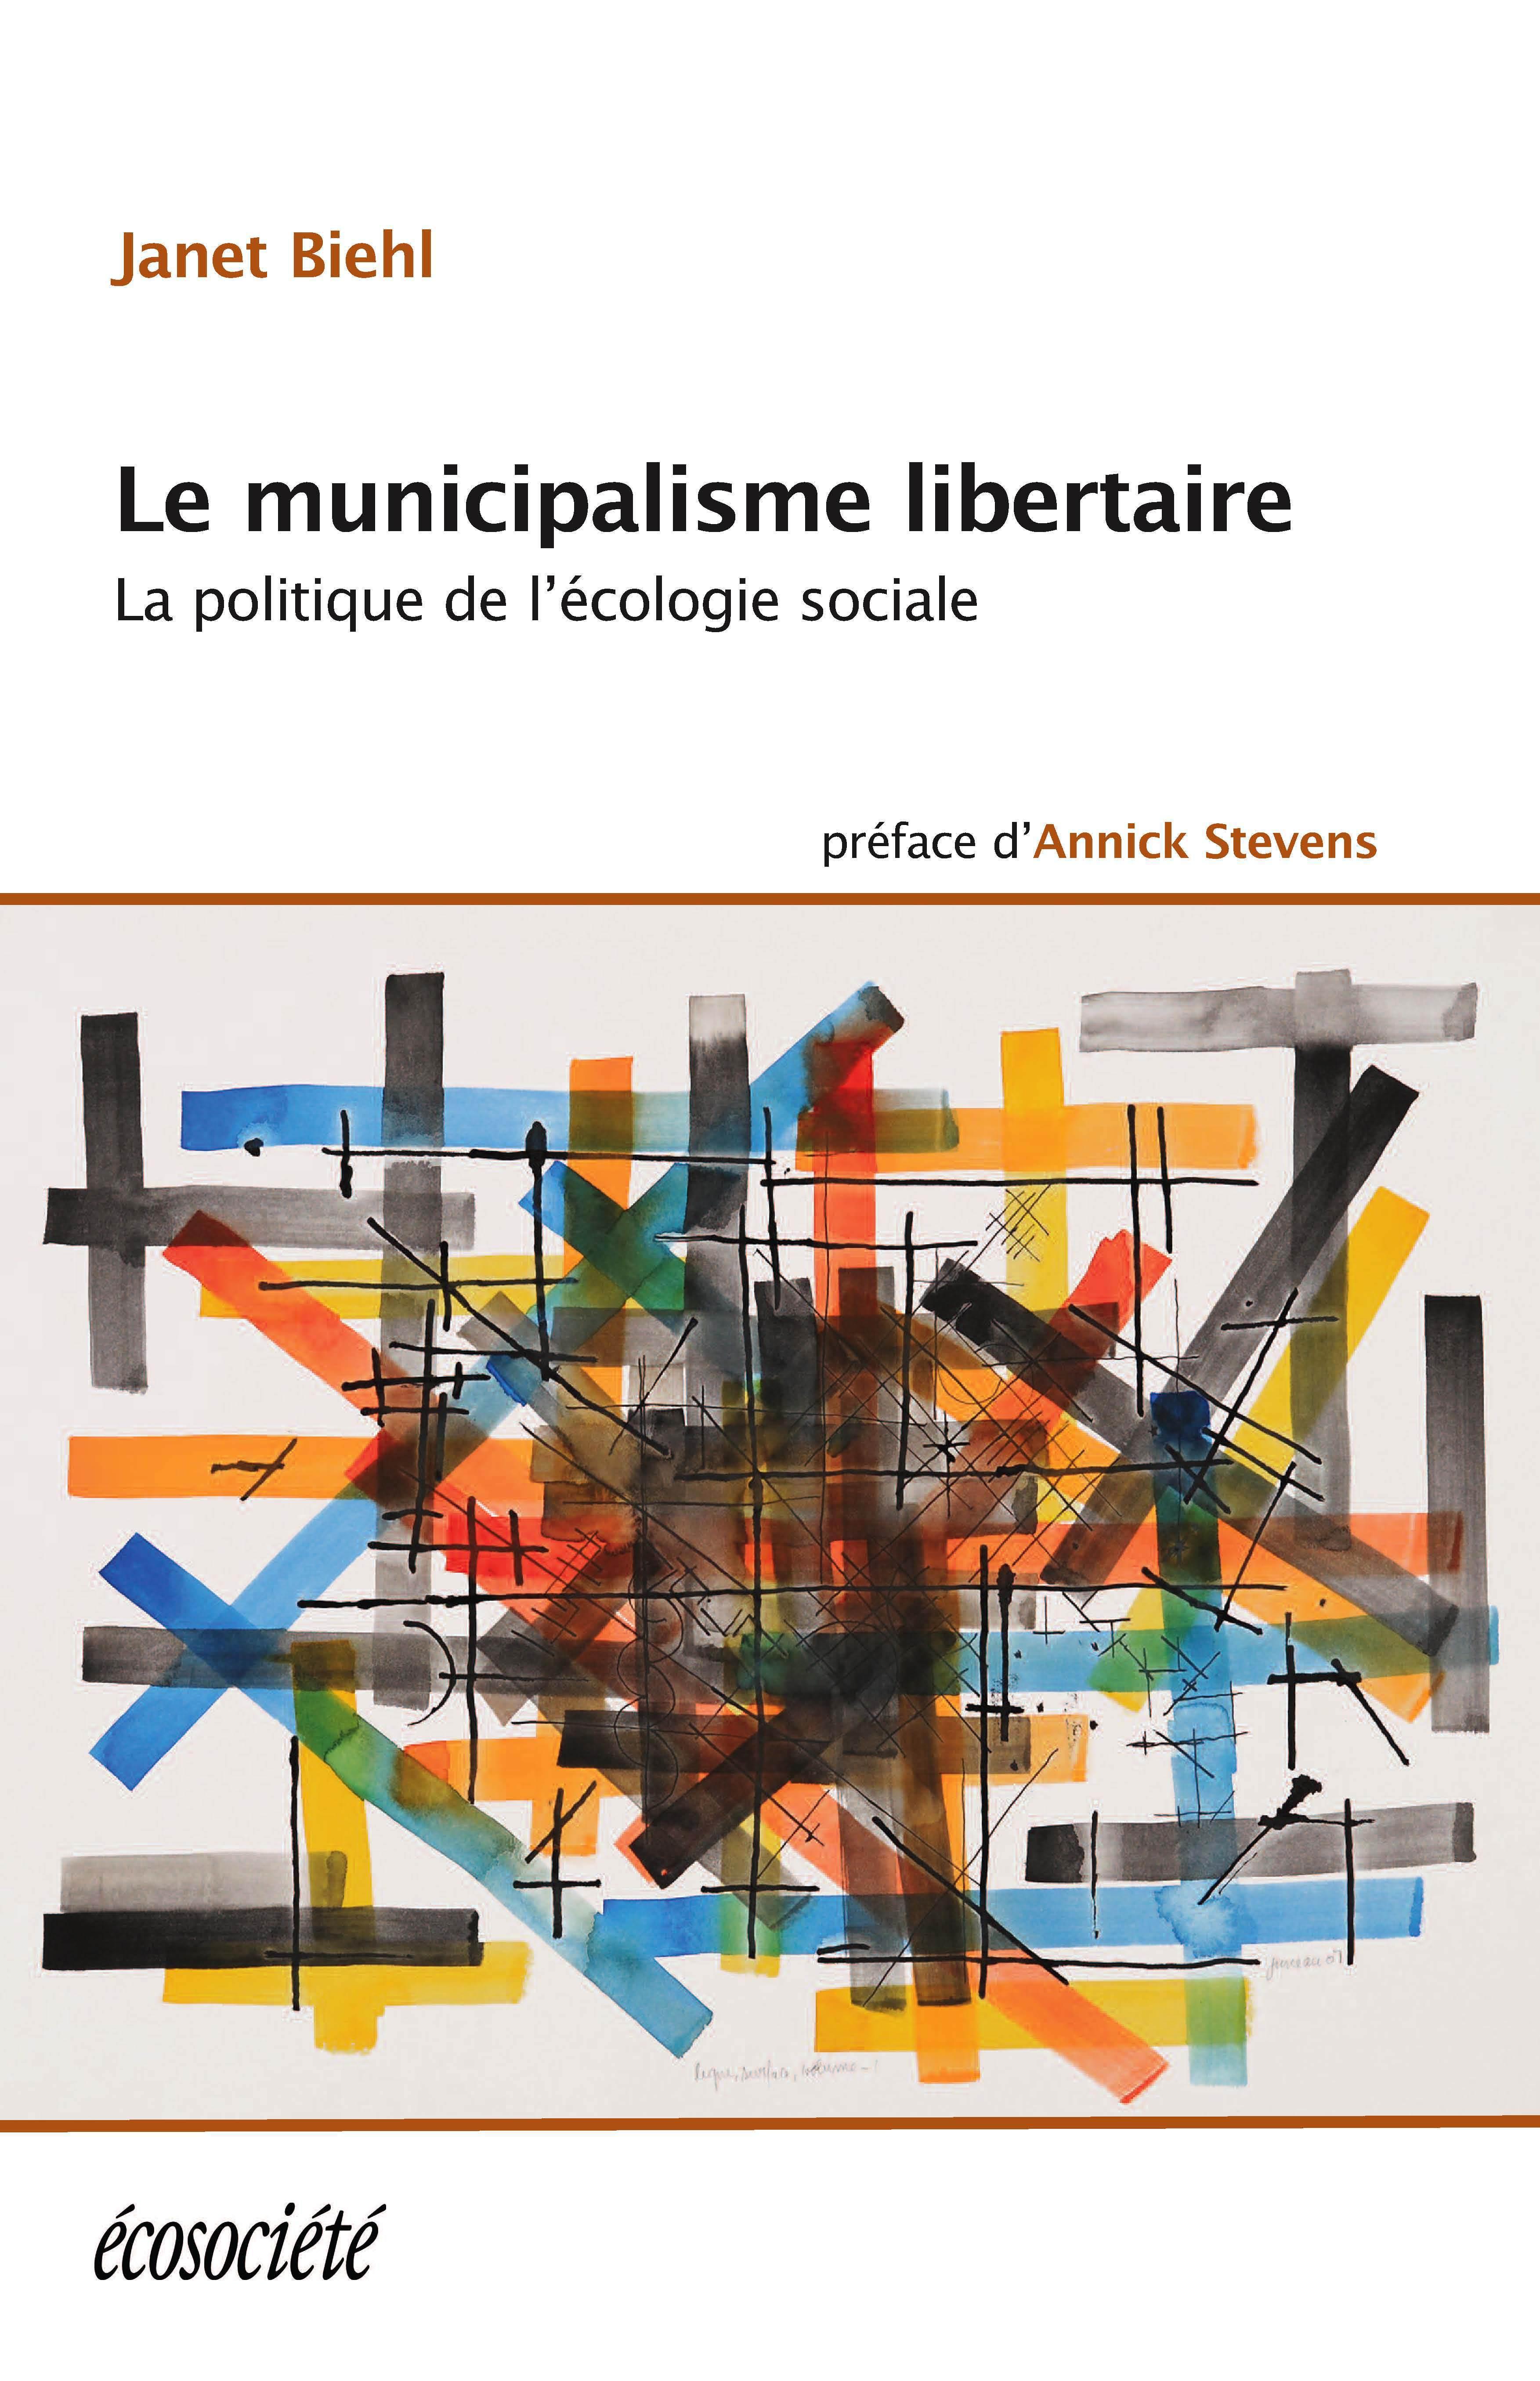 Le municipalisme libertaire, La politique de l'écologie sociale